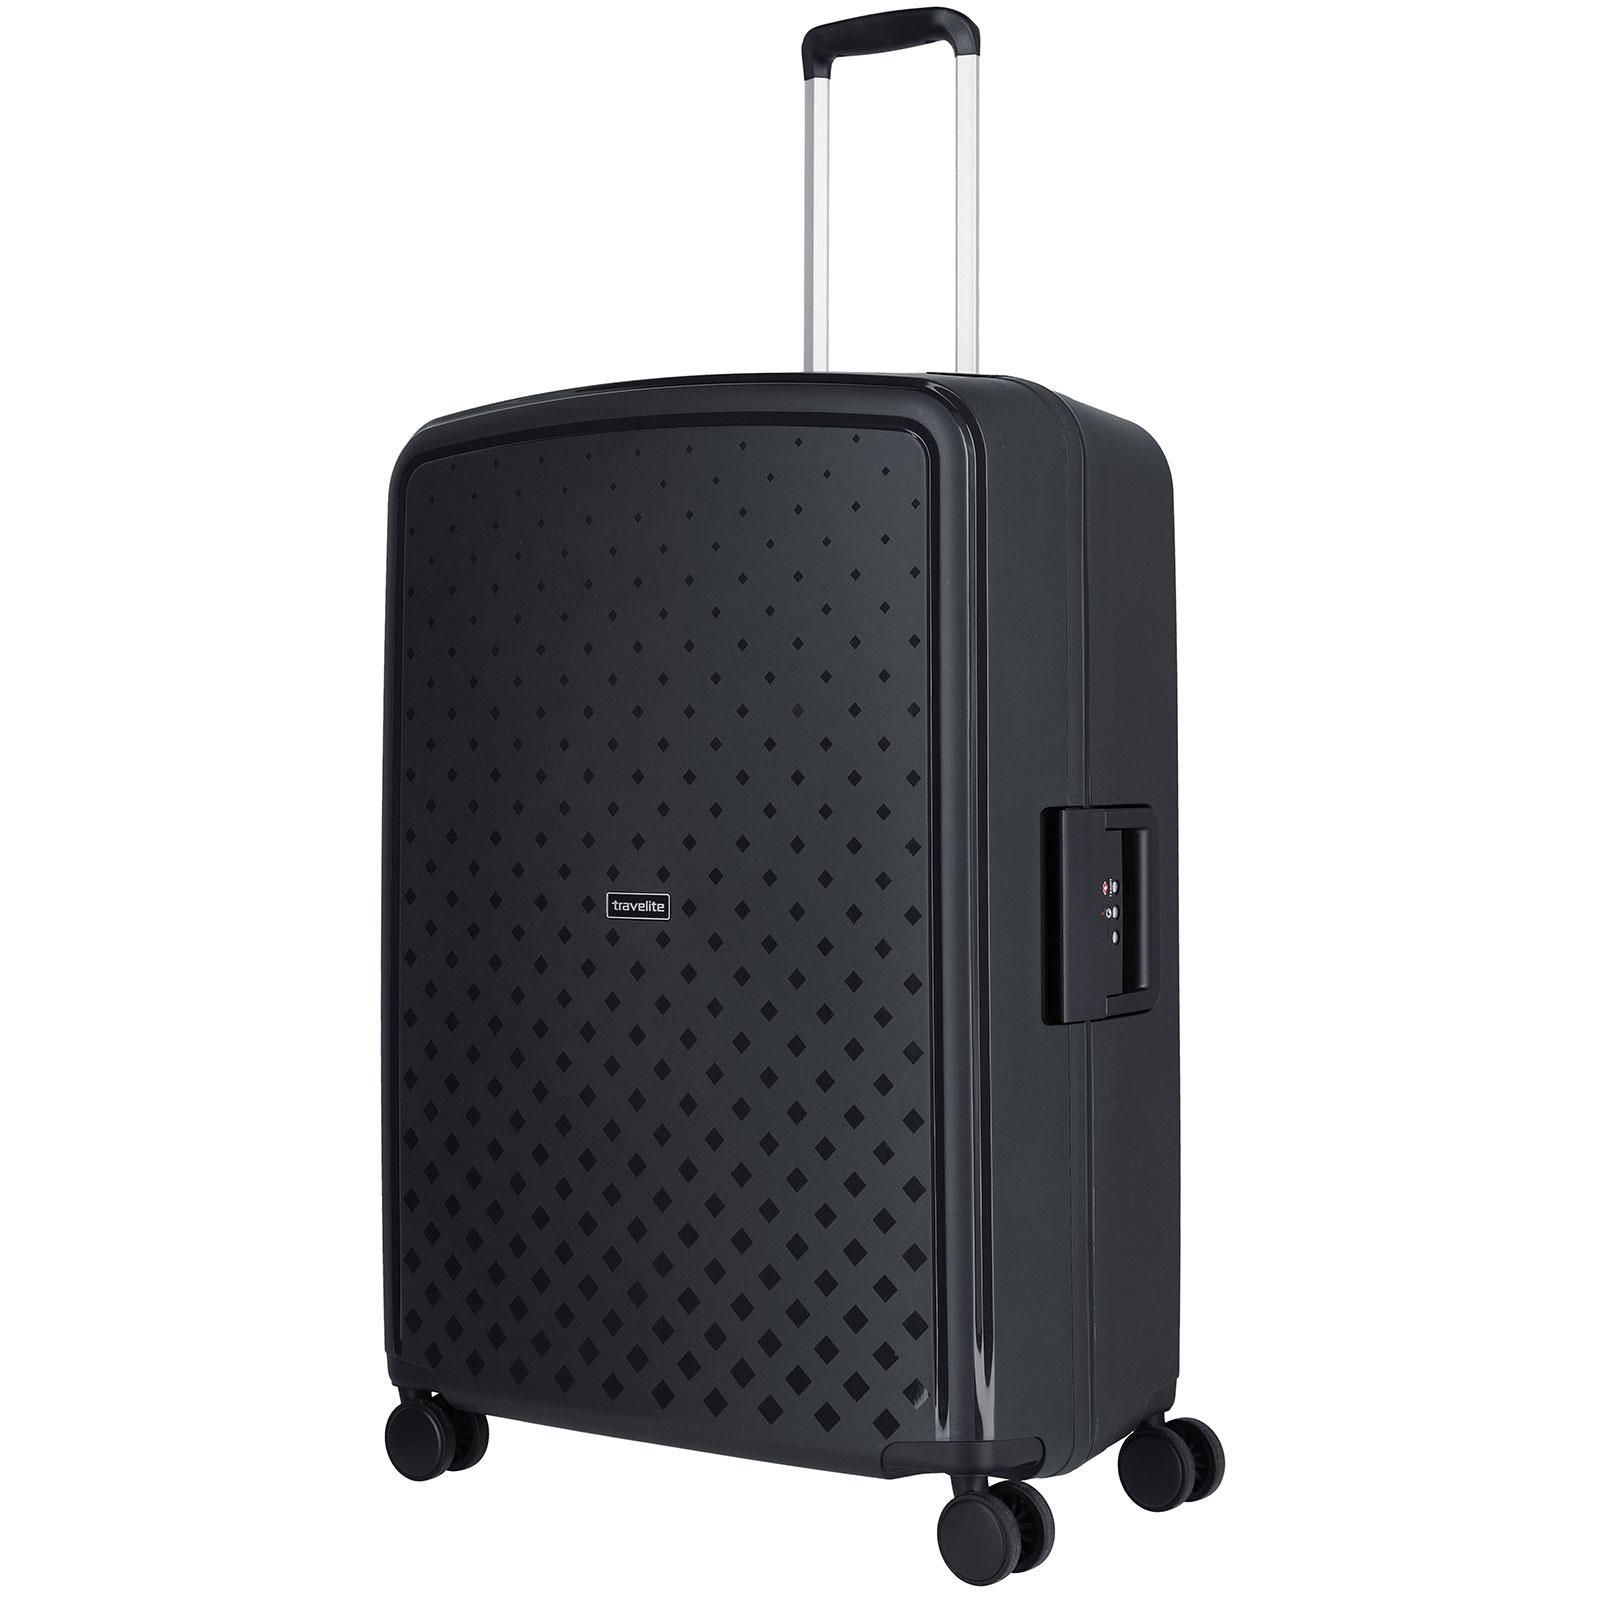 Travelite Terminal Spinner 76 cm grote maat koffer - Black - harde koffer zonder rits